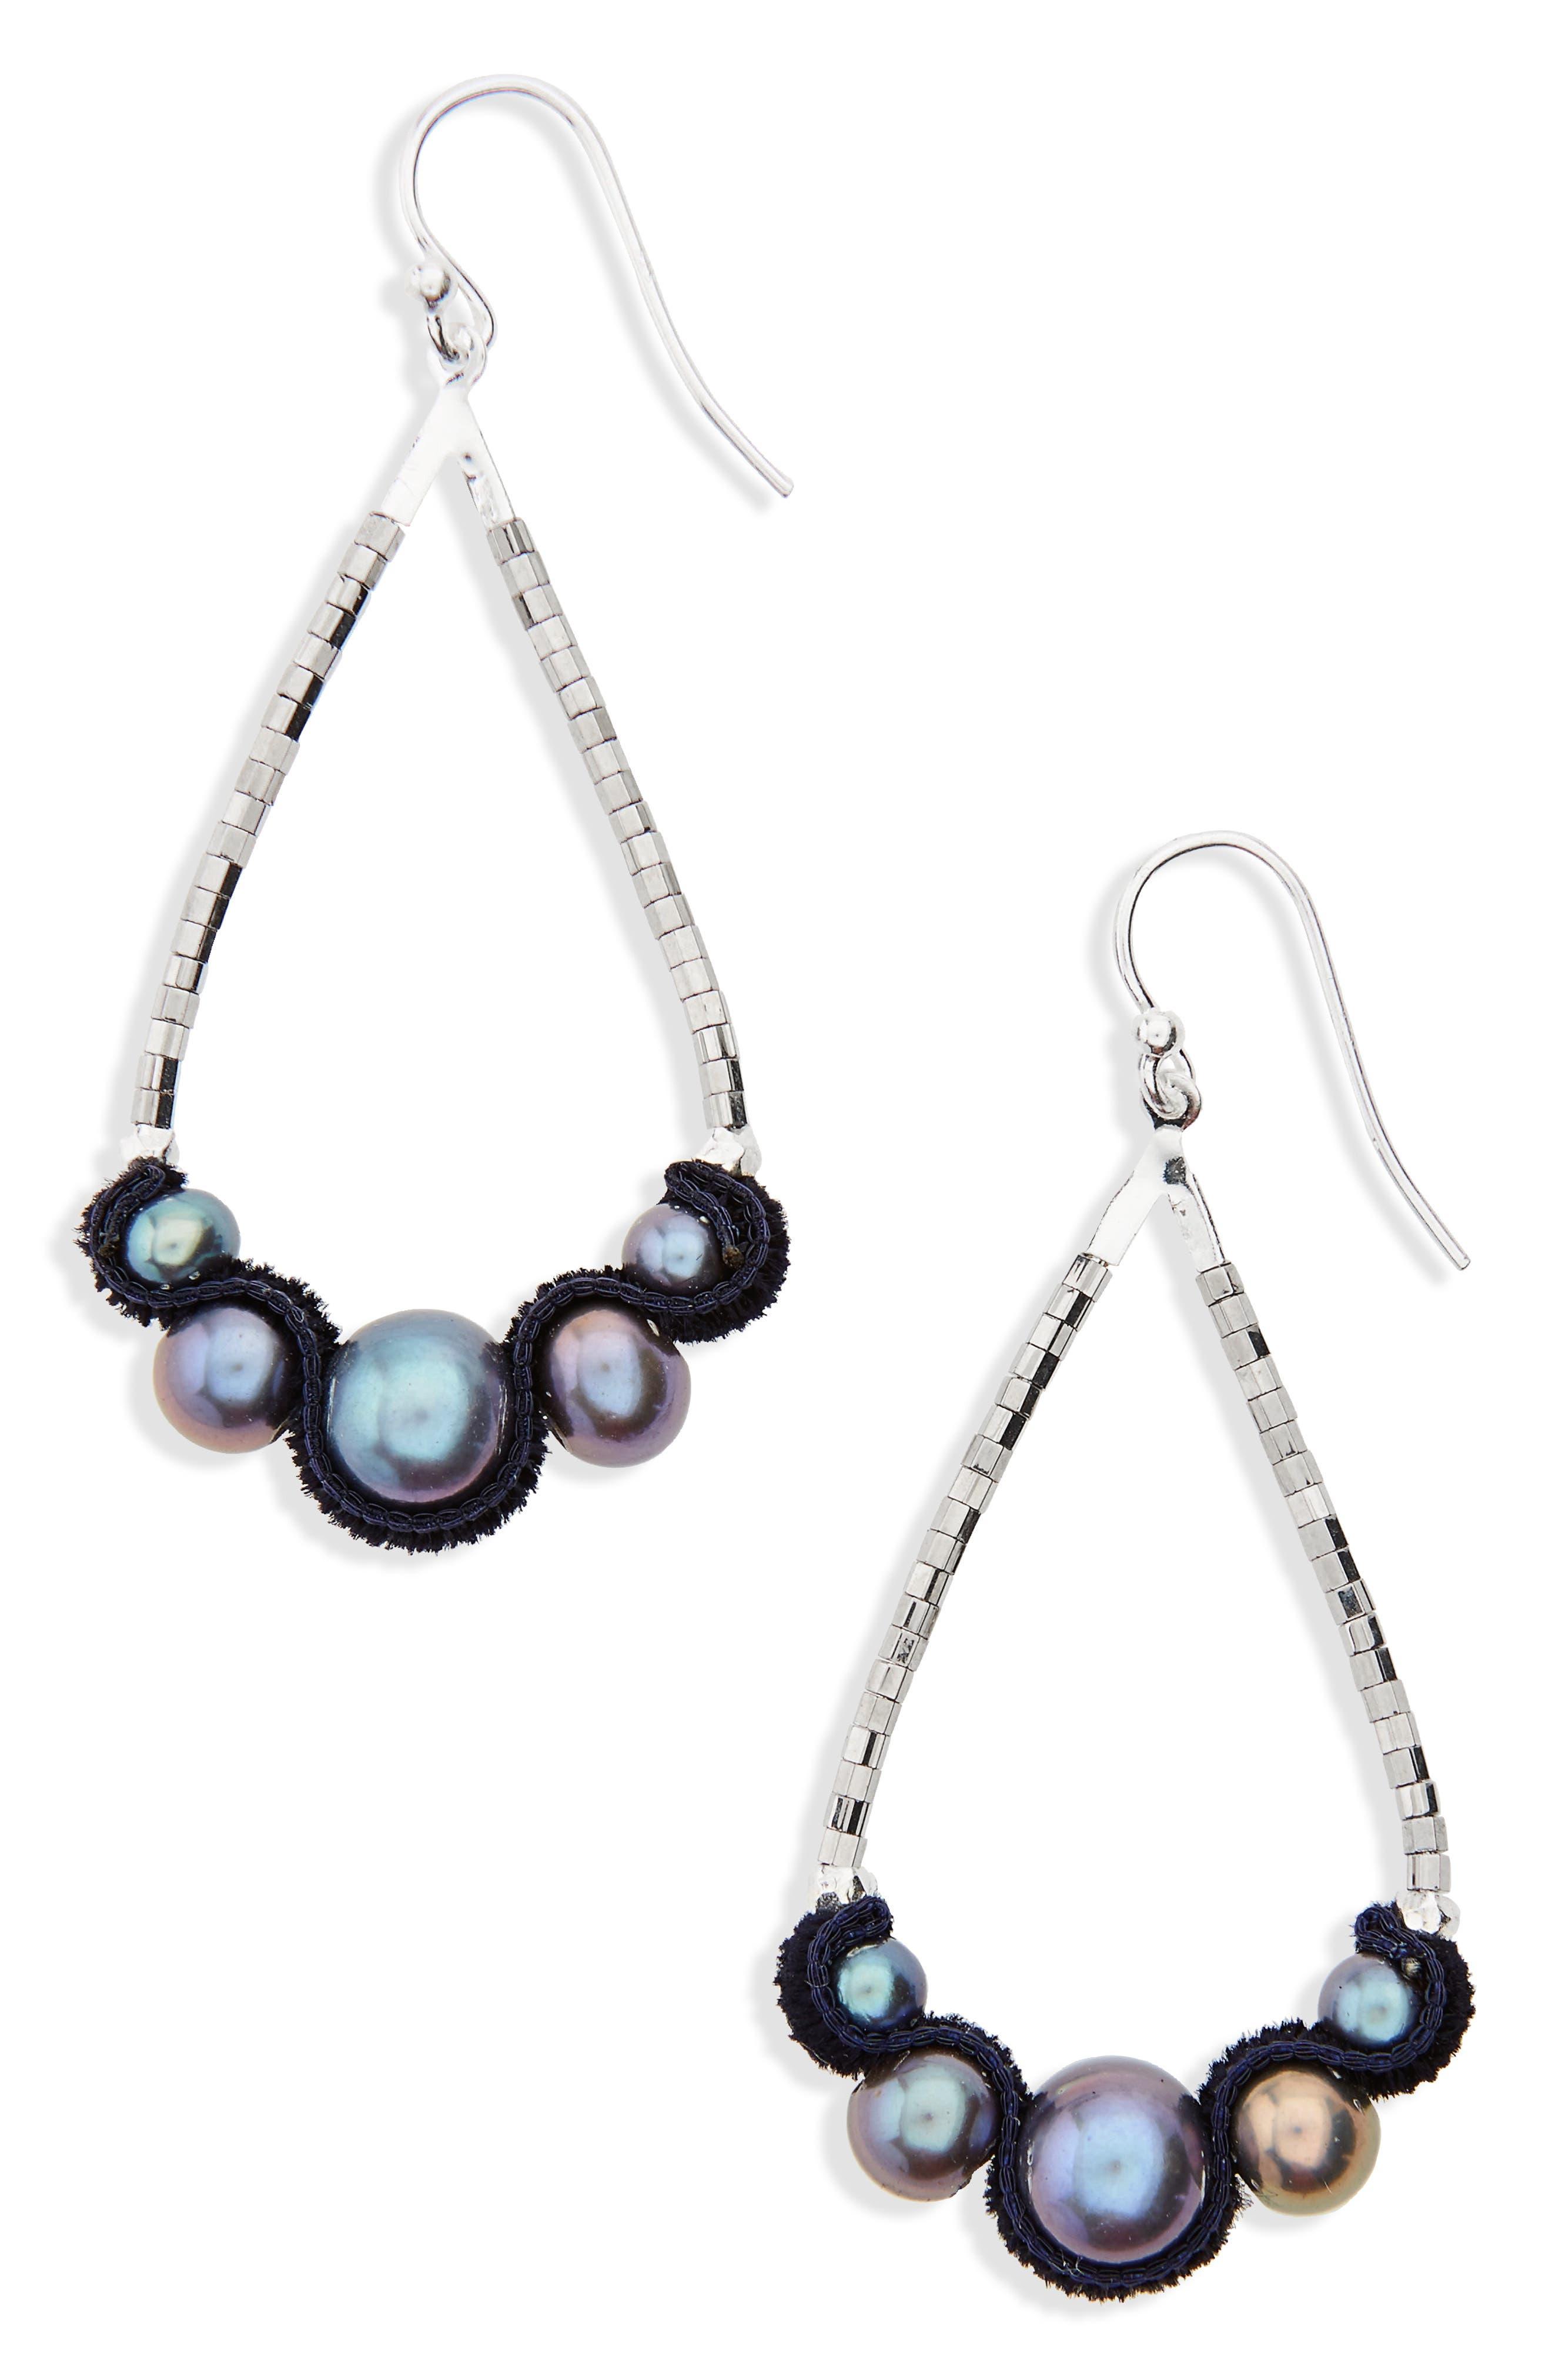 Velvet & Pearl Drop Earrings,                         Main,                         color, Peacock Blue Pearl